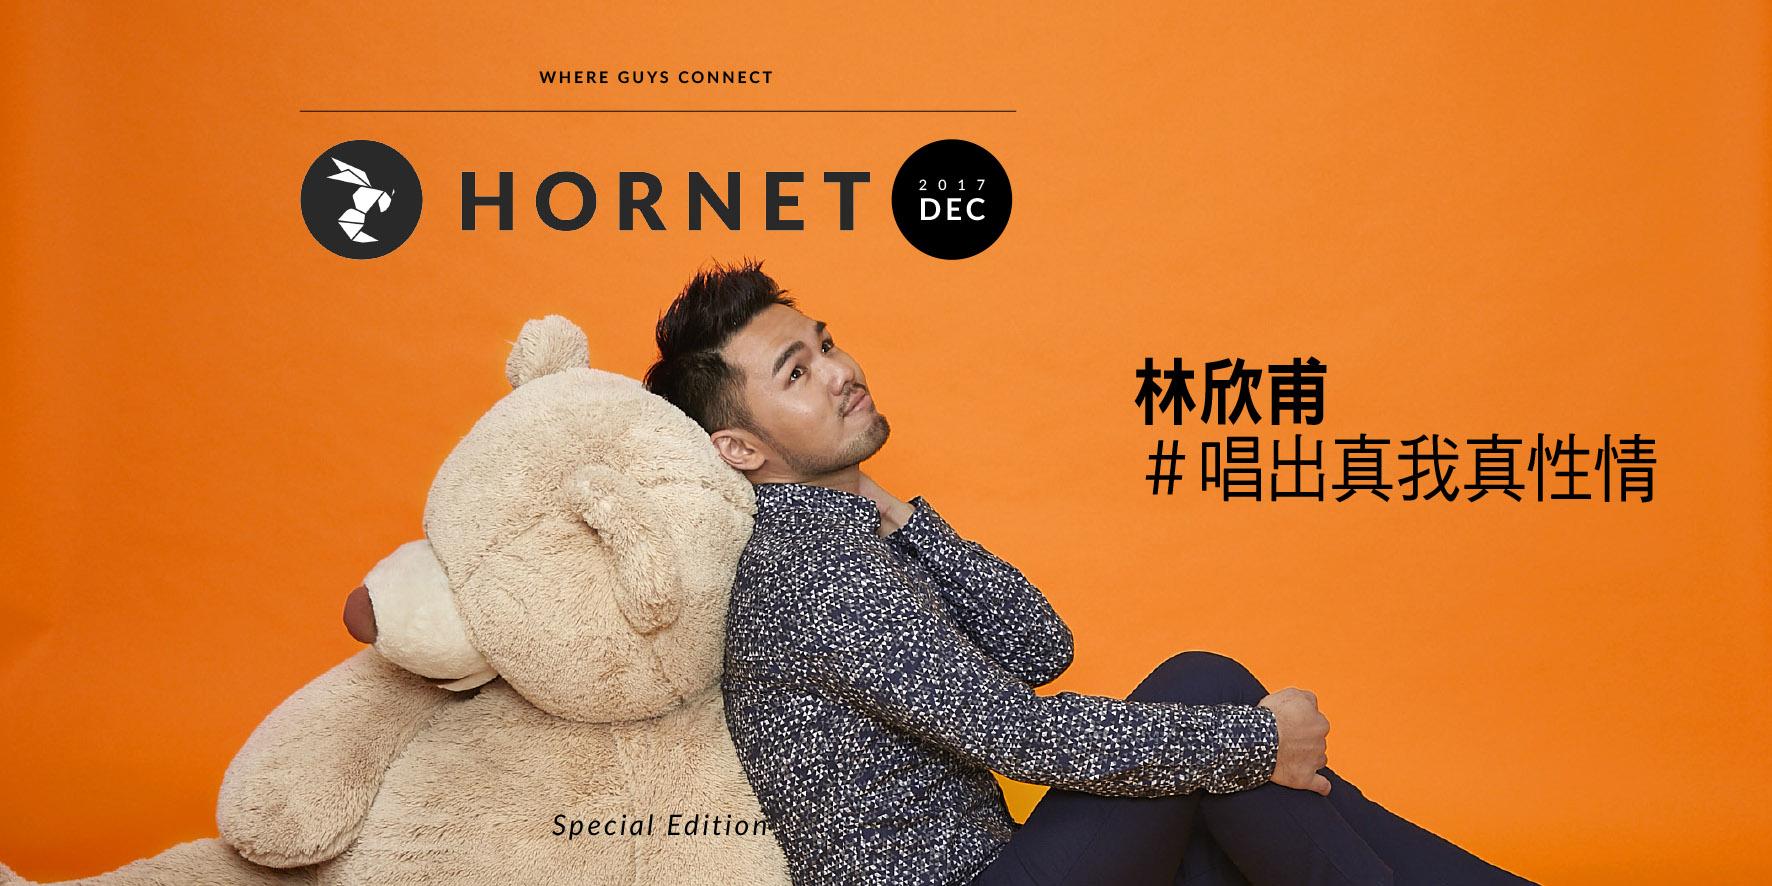 Hornet封面人物:林欣甫 拍攝現場直擊